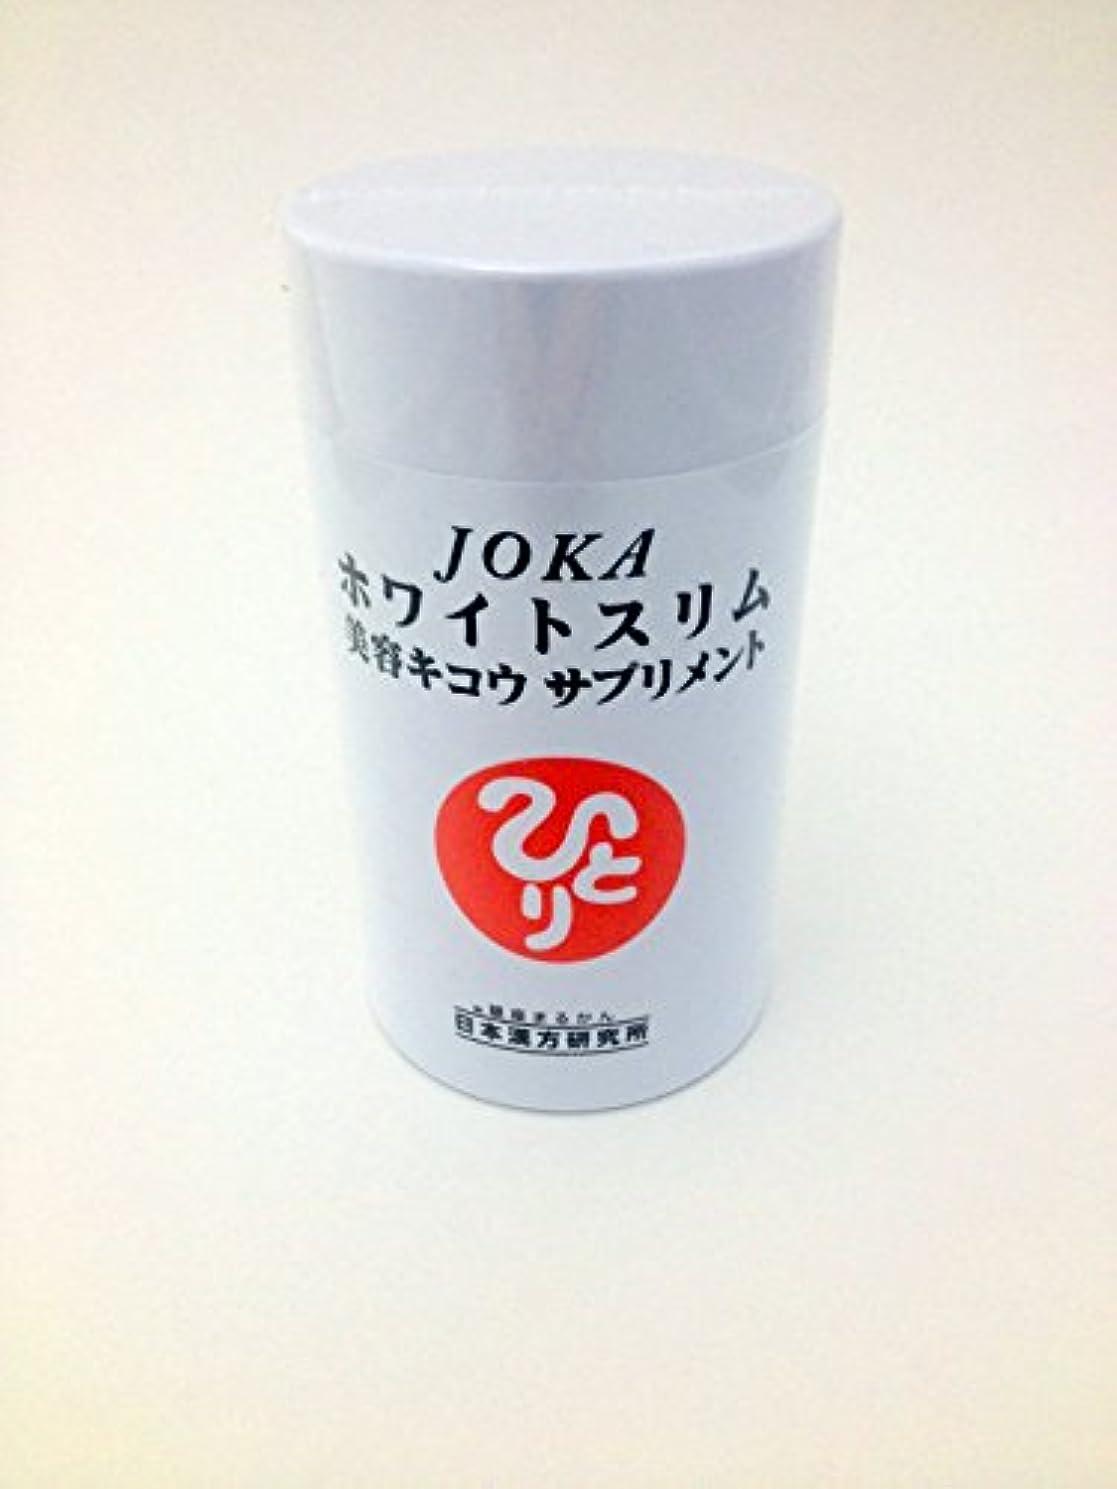 カロリーつかむずんぐりしたJOKAホワイトスリム美容キコウサプリメント